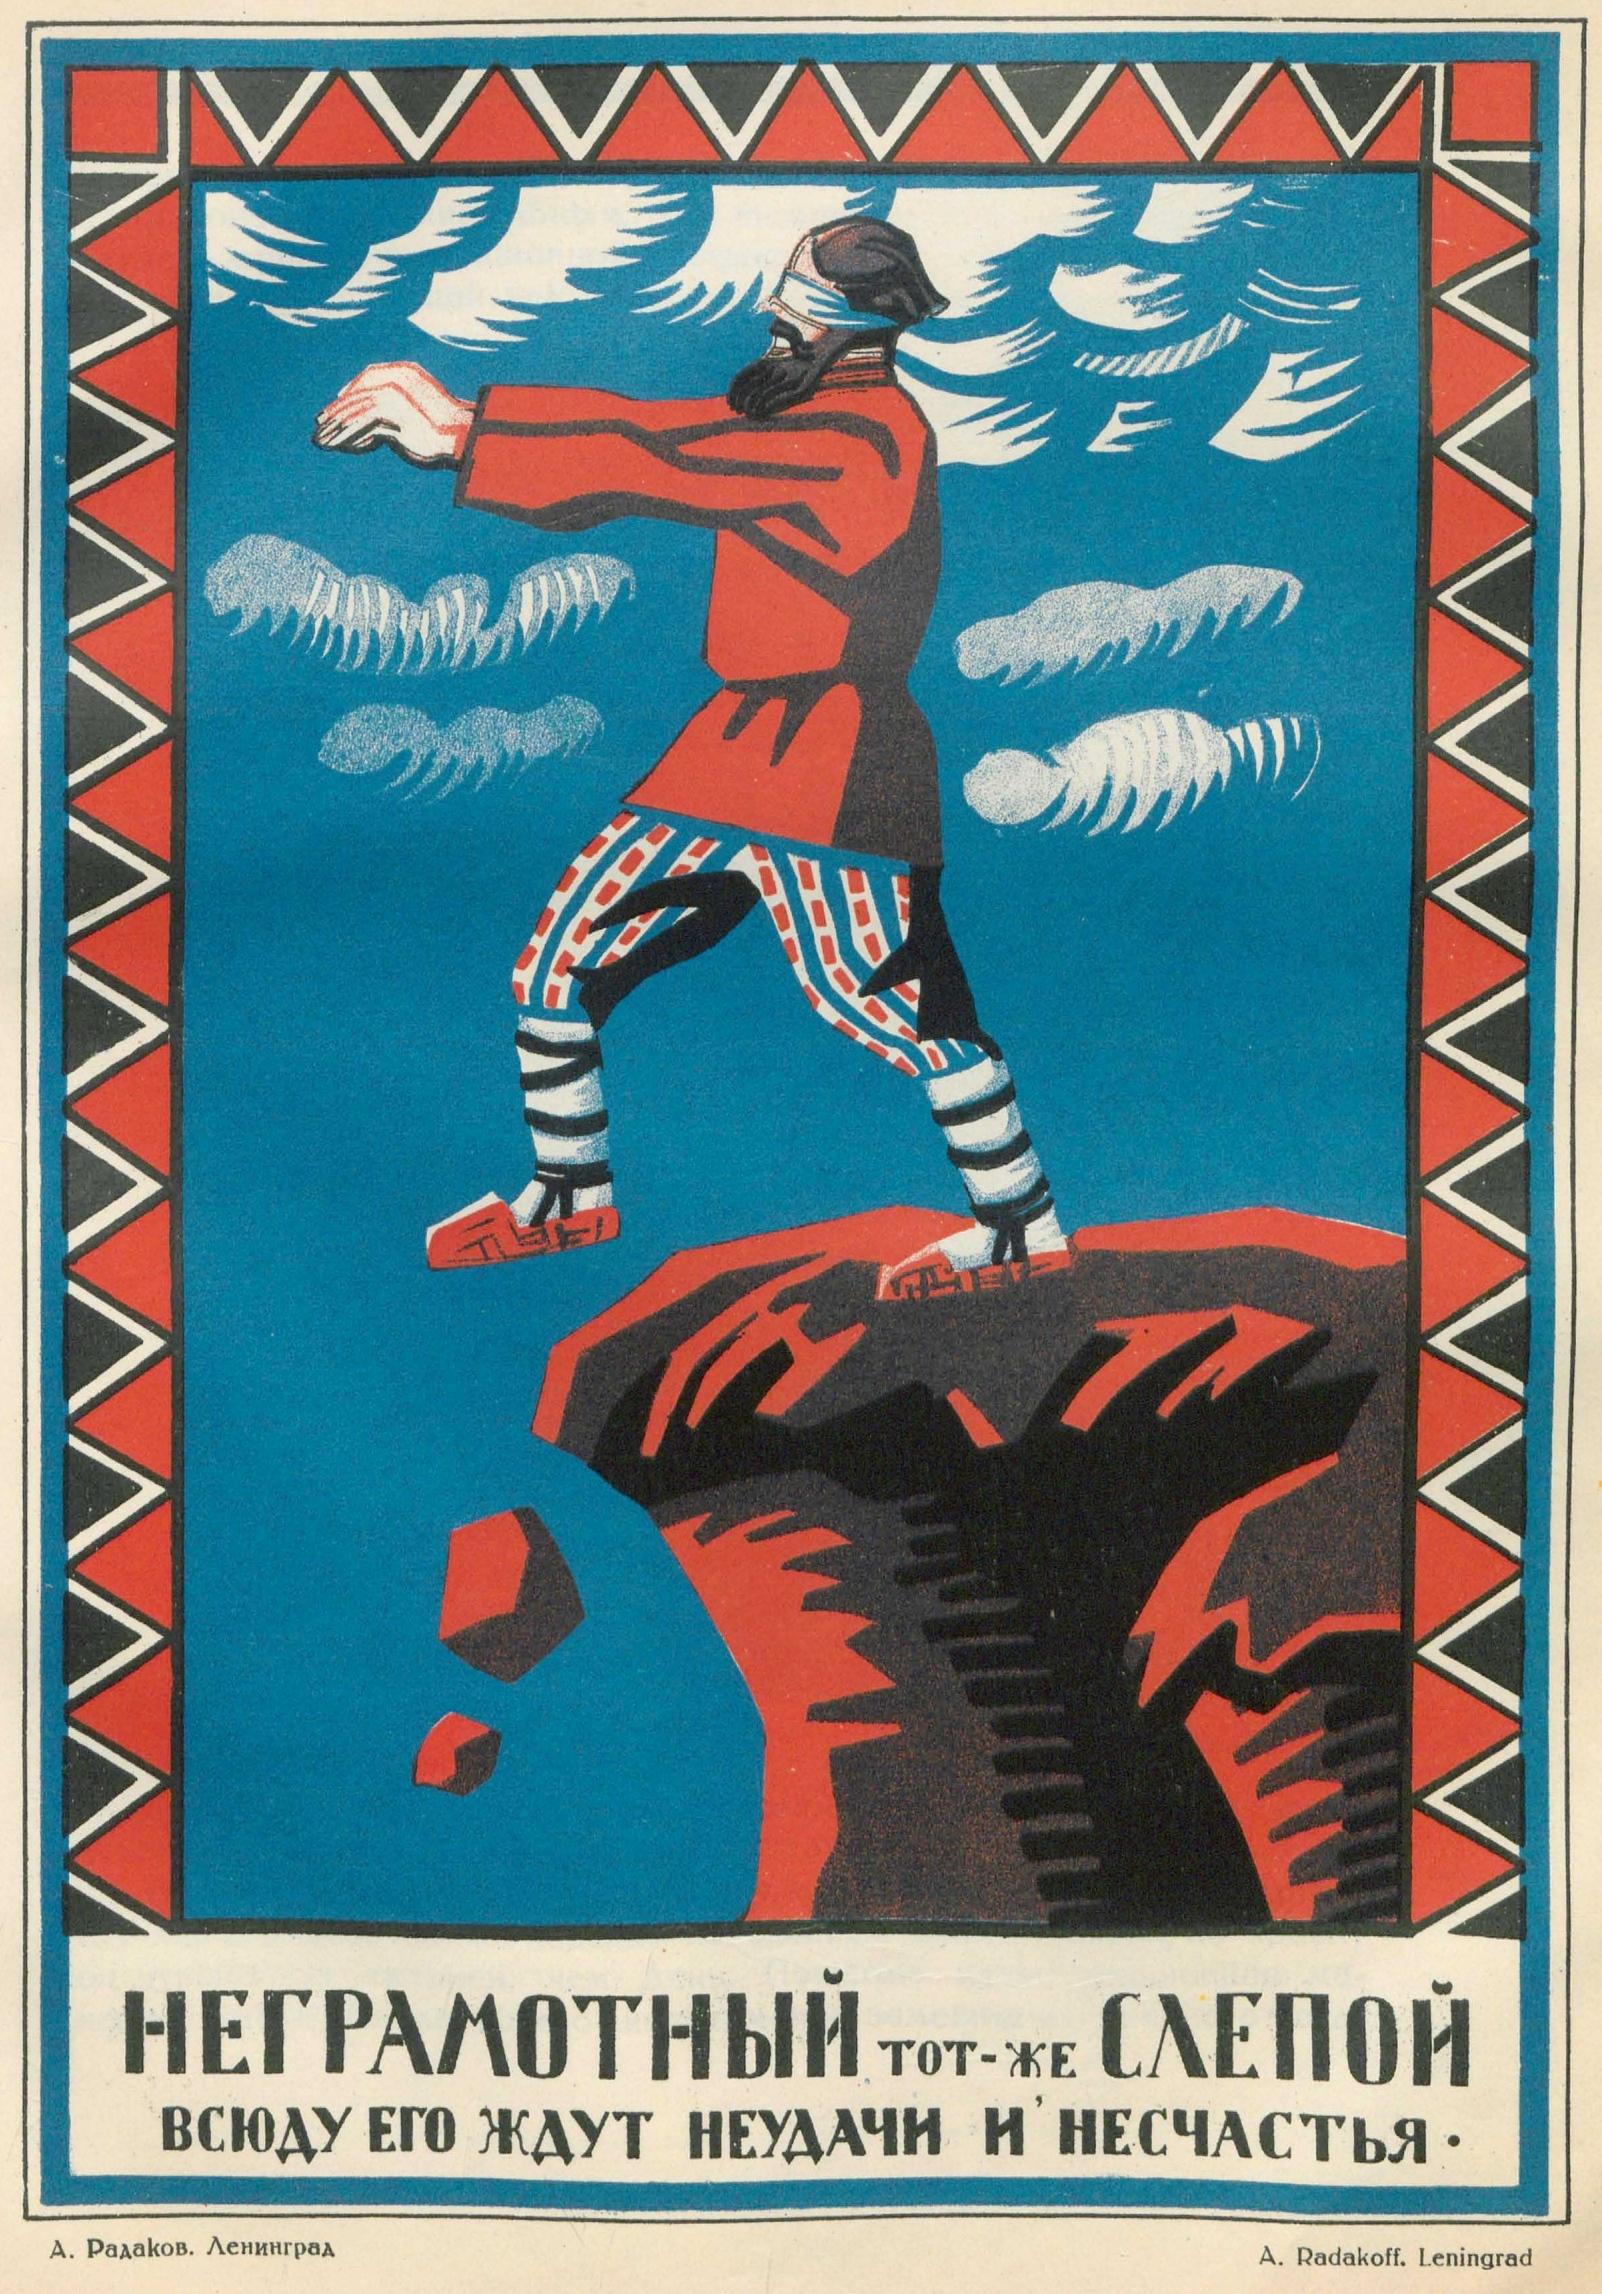 А. Радаков. Ленинград. A. Radakoff. Leningrad. Многокрасочная литография 66×94 см. 1920. Госиздат. «Неграмотный тот-же слепой, всюду его ждут неудачи и несчастья».